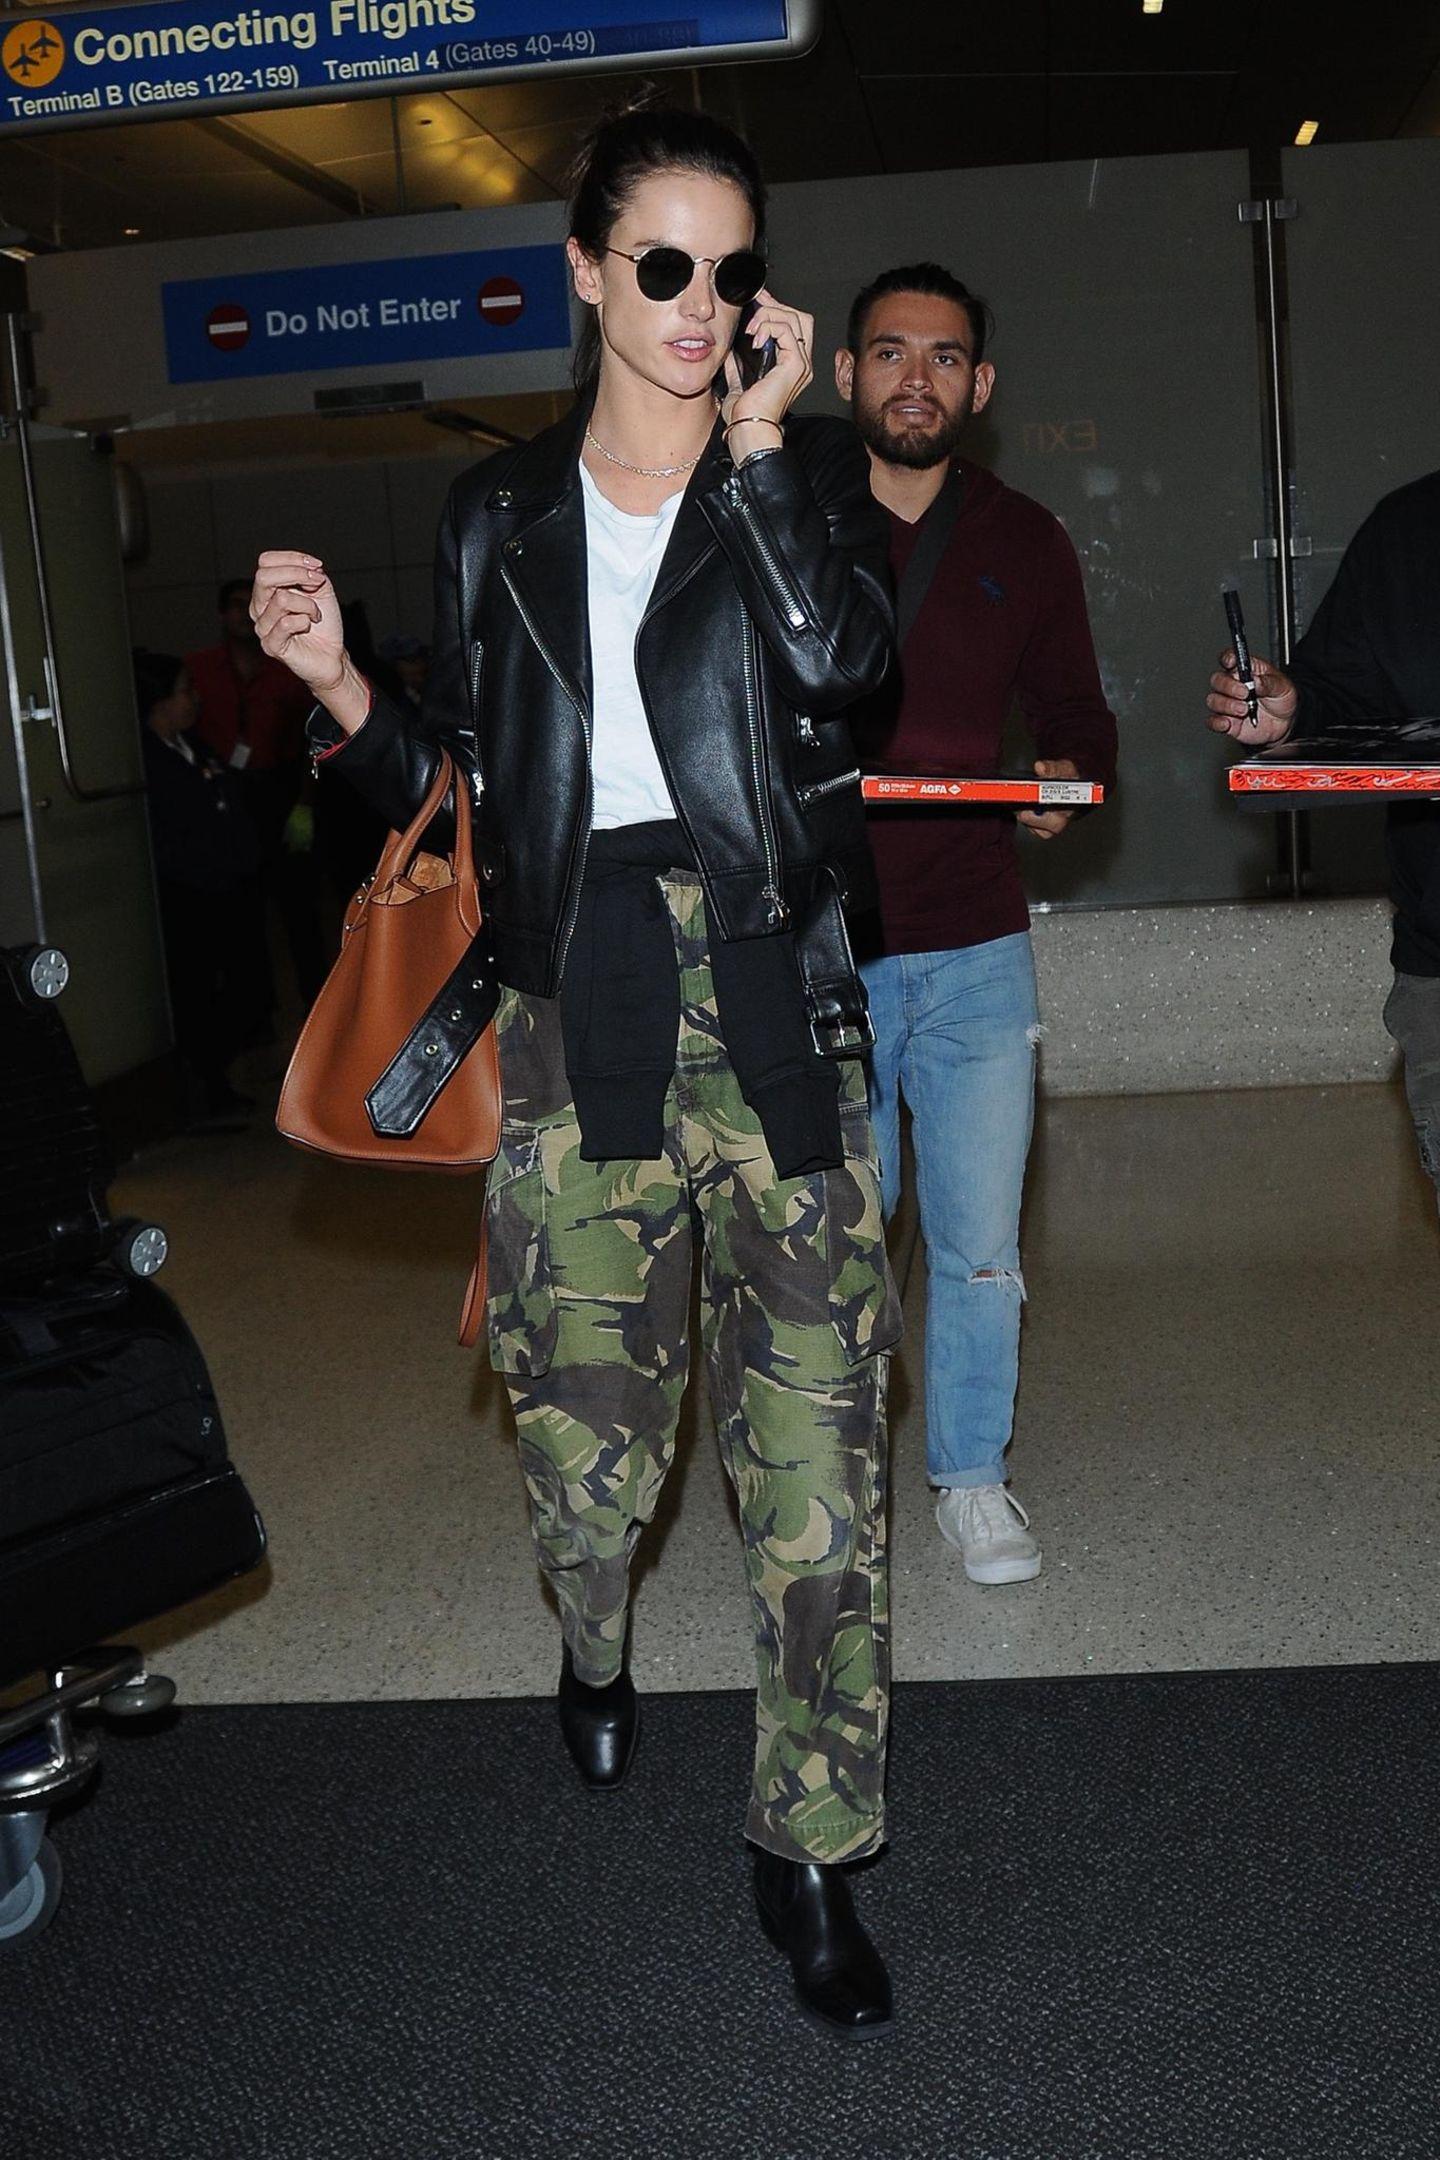 Bloß nicht auffallen - ob soAlessandra Ambrosios Devise am Flughafen in Los Angeles lauten sollte?Zwar trägt das Supermodel passend dazu eine weit geschnitteneCamouflage-Hose und eine tarnende Sonnenbrille, inkognito ist sie allerdings trotzdem nicht. Ihr Style ist dafür viel zu cool und lässig, als dass man die hübsche Brasilianerin übersehen könnte.